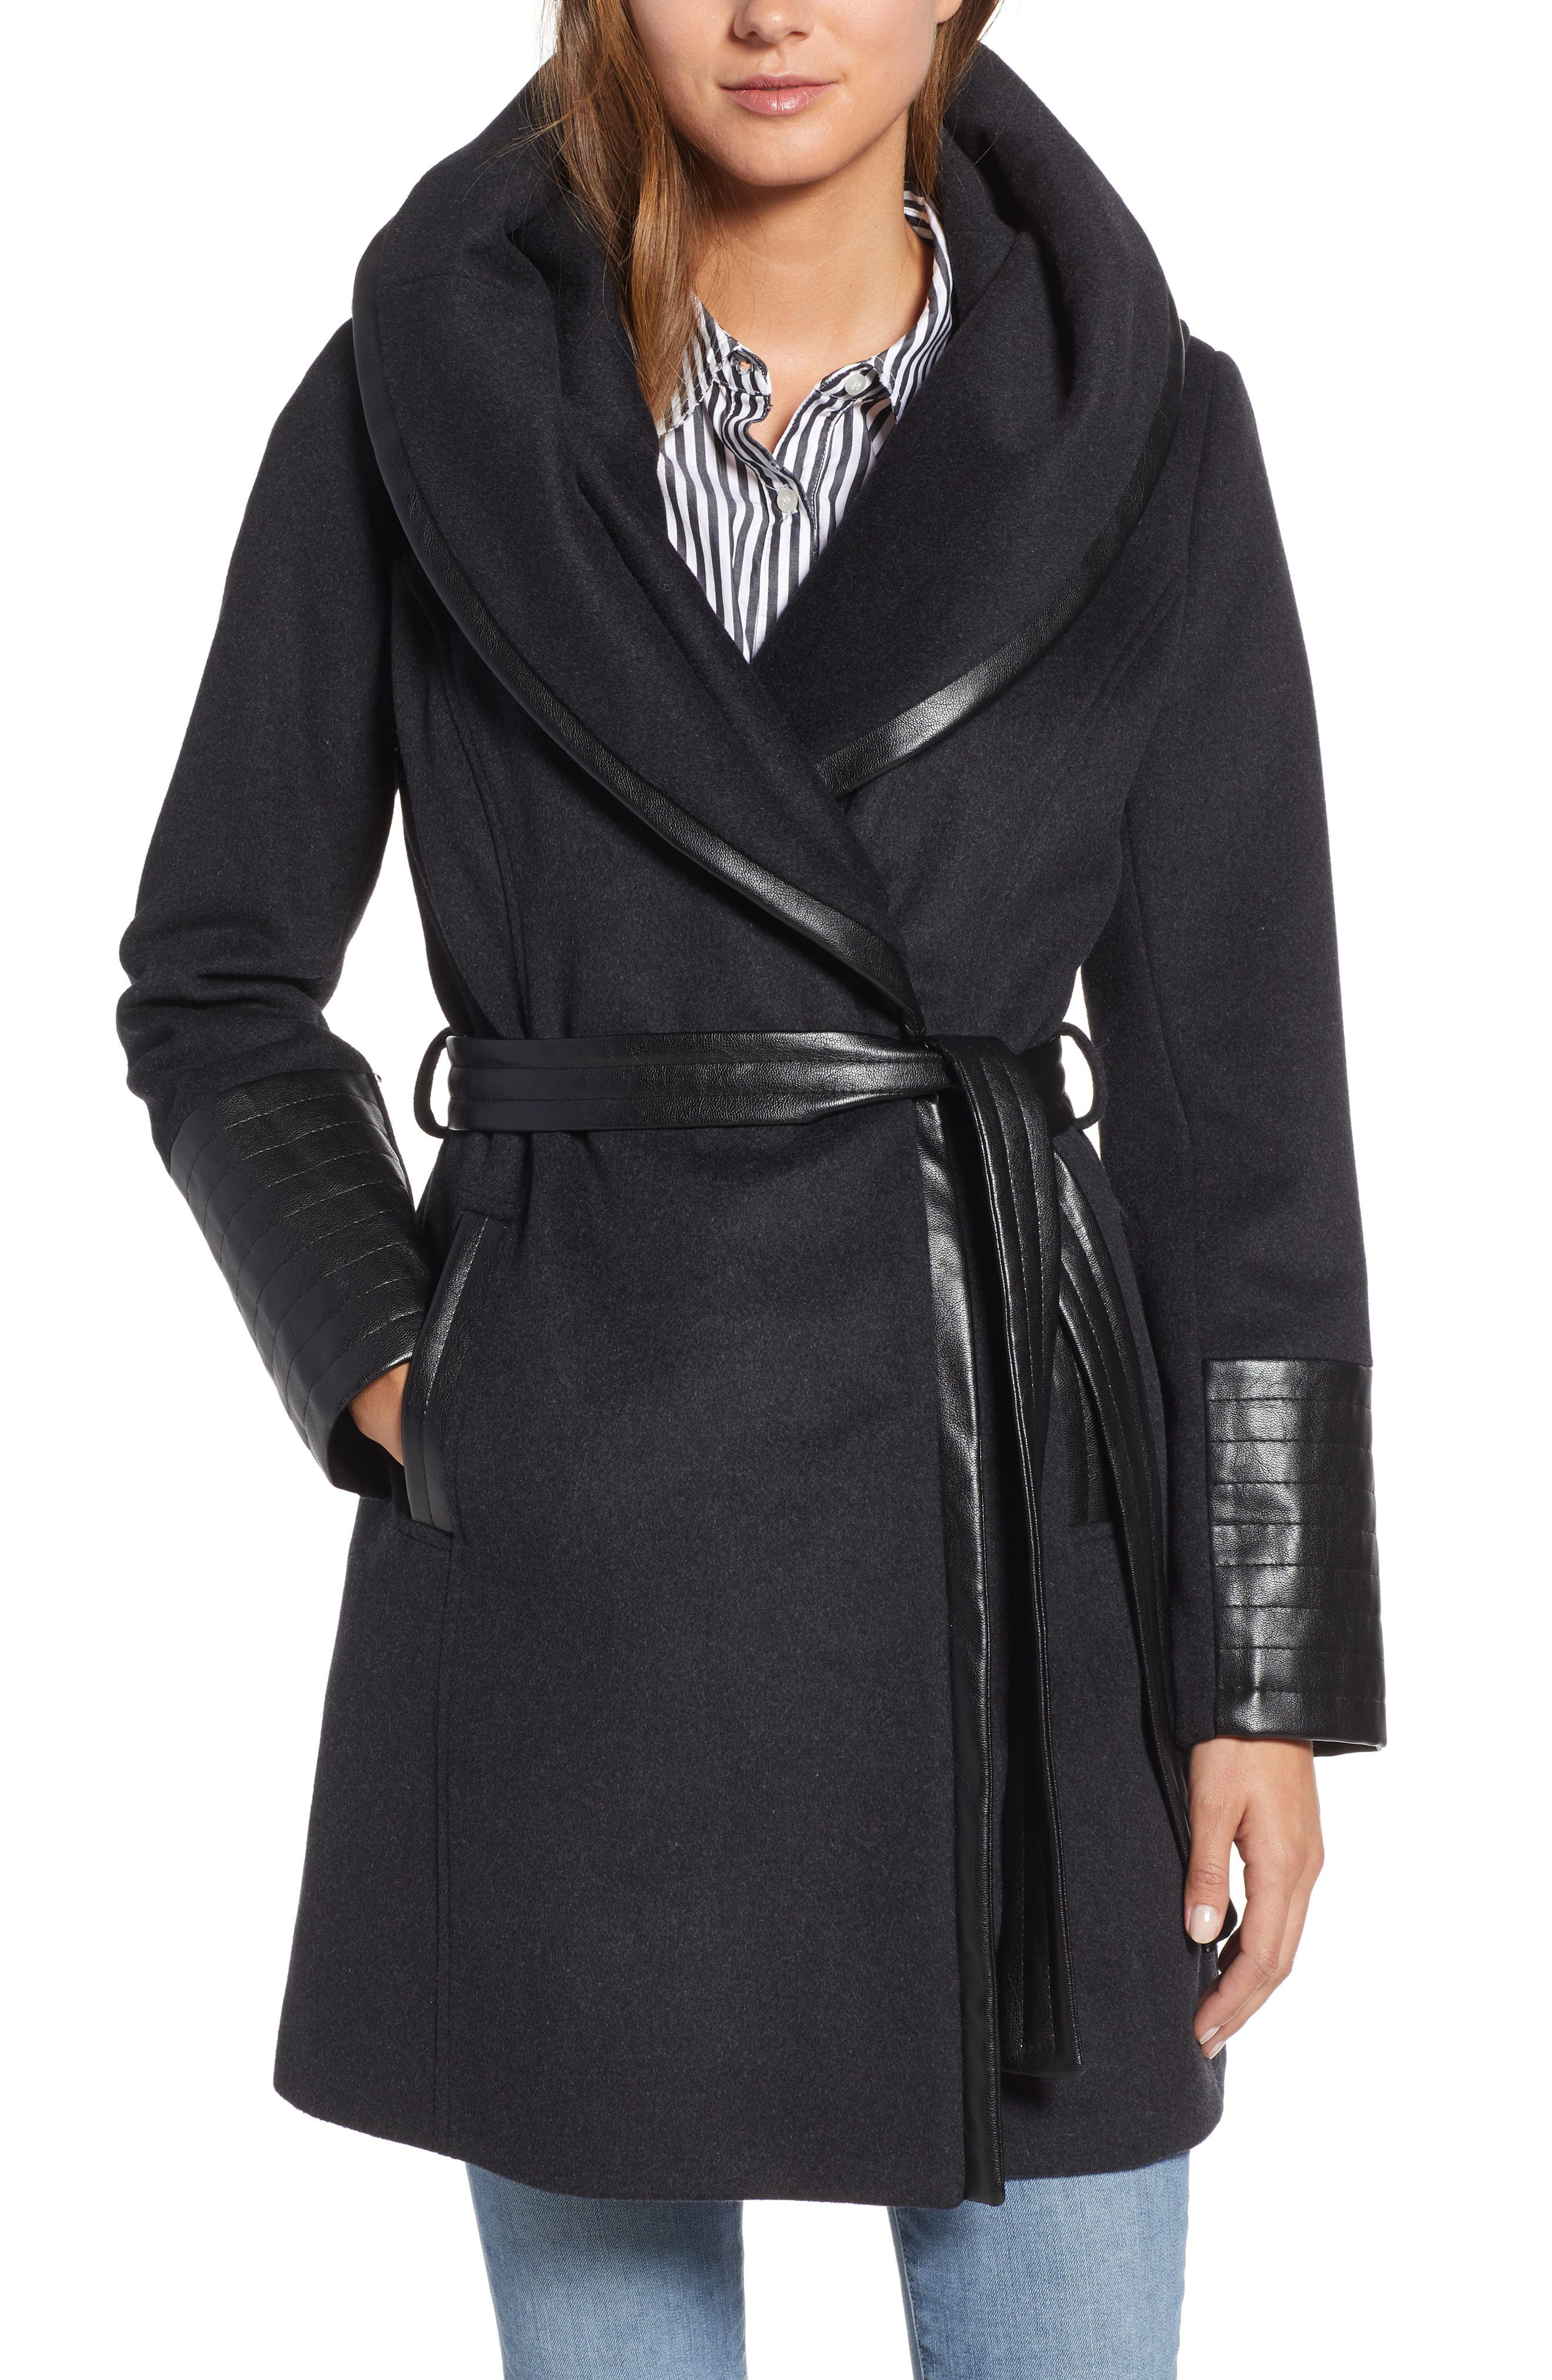 VIA SPIGA Wool Blend Coat, Main, color, CHARCOAL